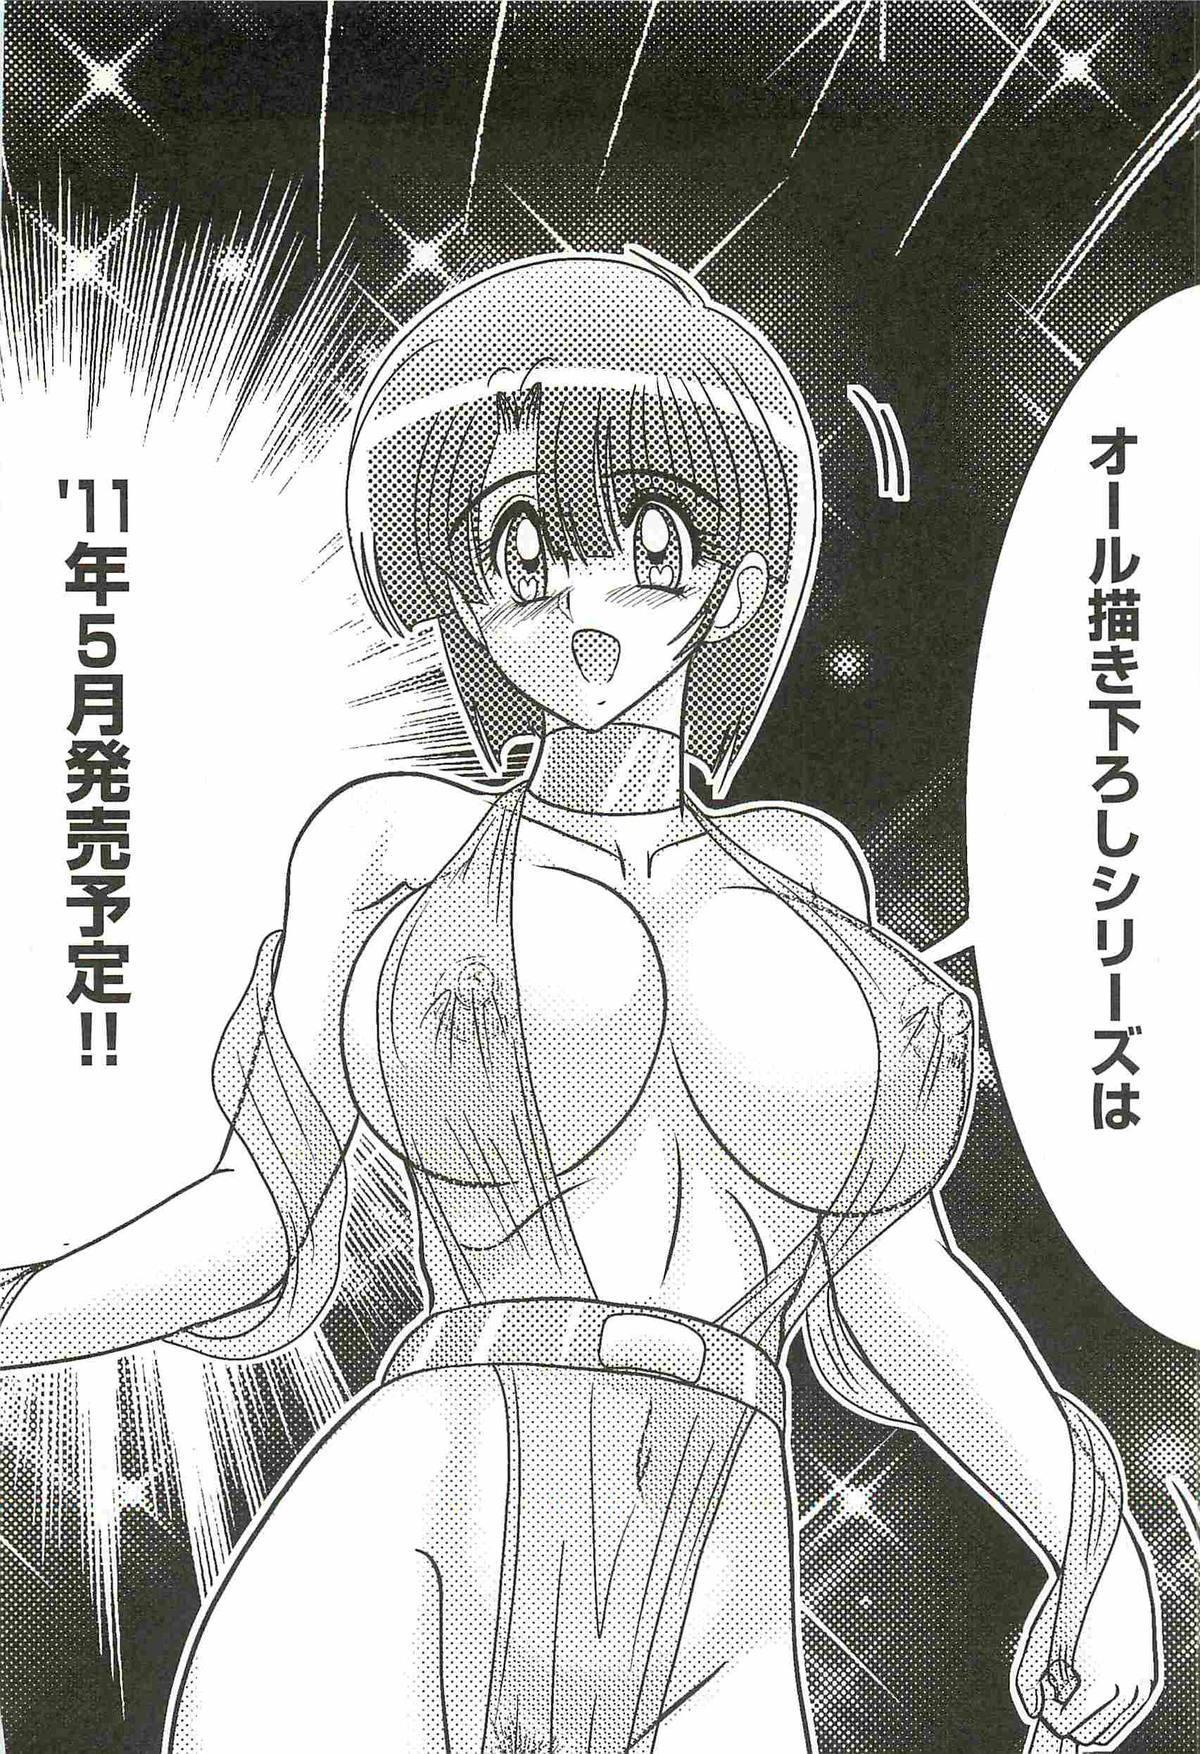 Seirei Tokusou Fairy Saber W - Undead Rape 167